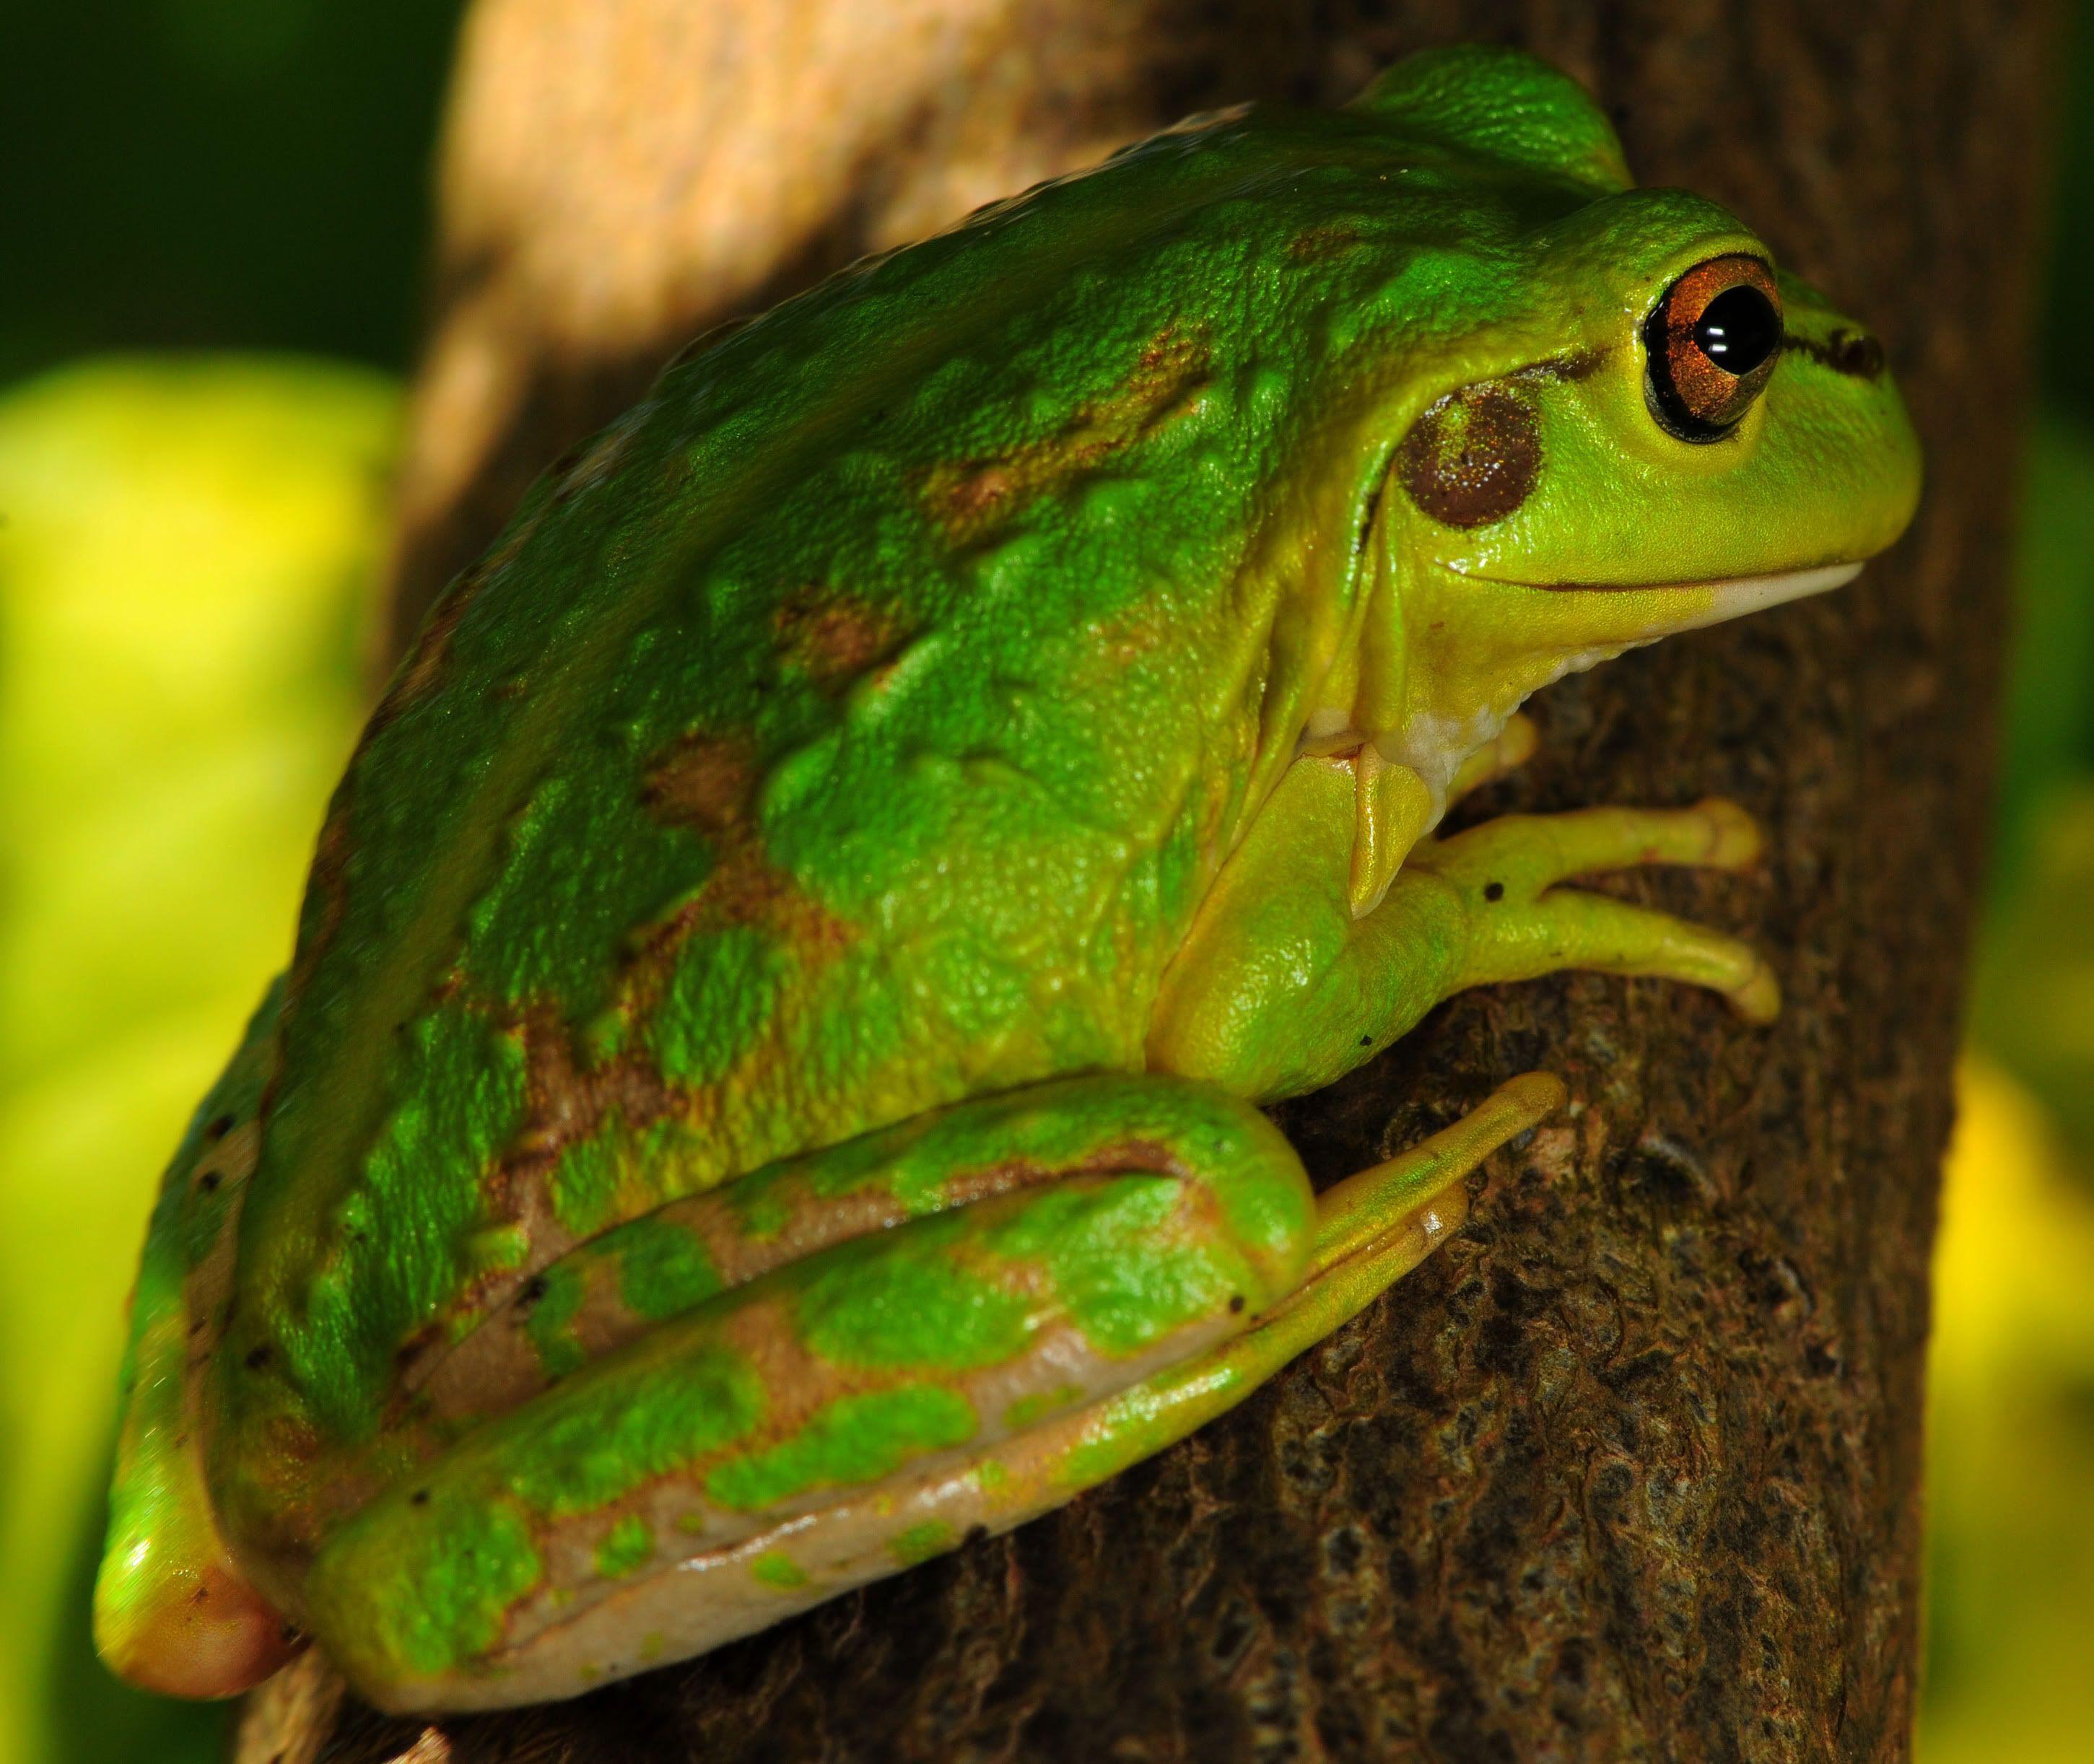 Washington Tree Frogs | Thread: Tree frog climbing a tree??